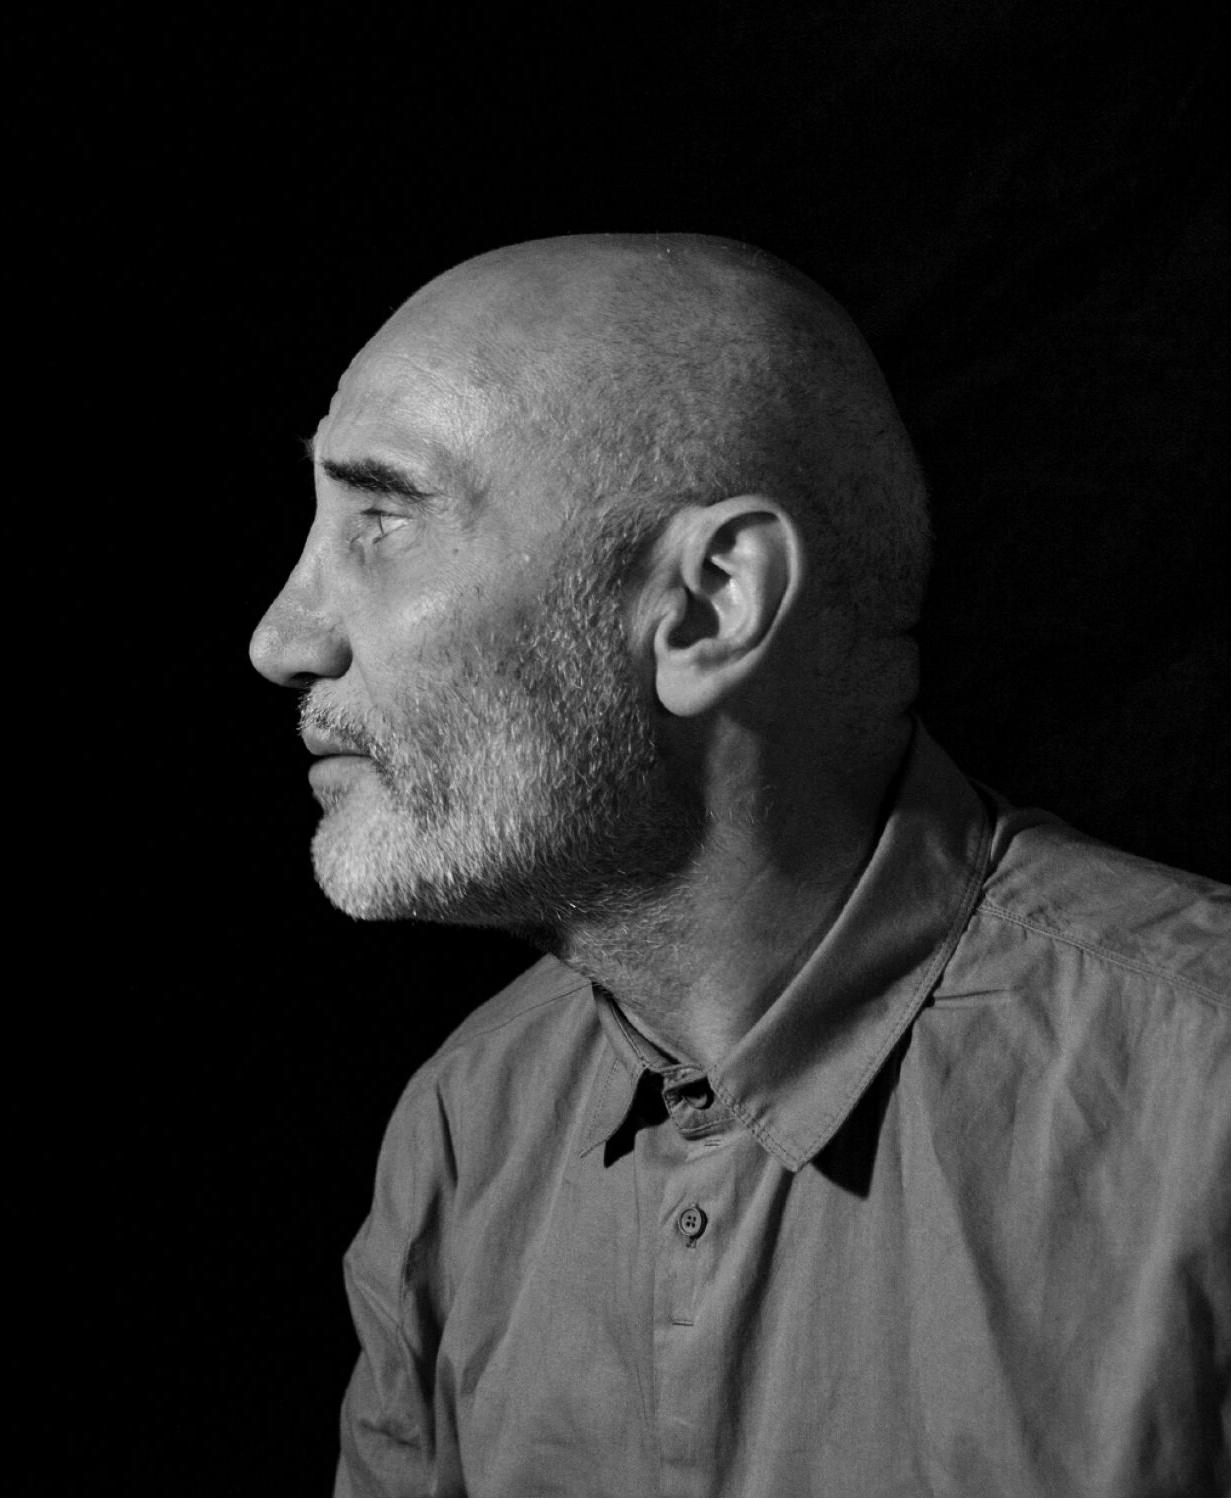 portrait_Duccio Grassi  .jpg